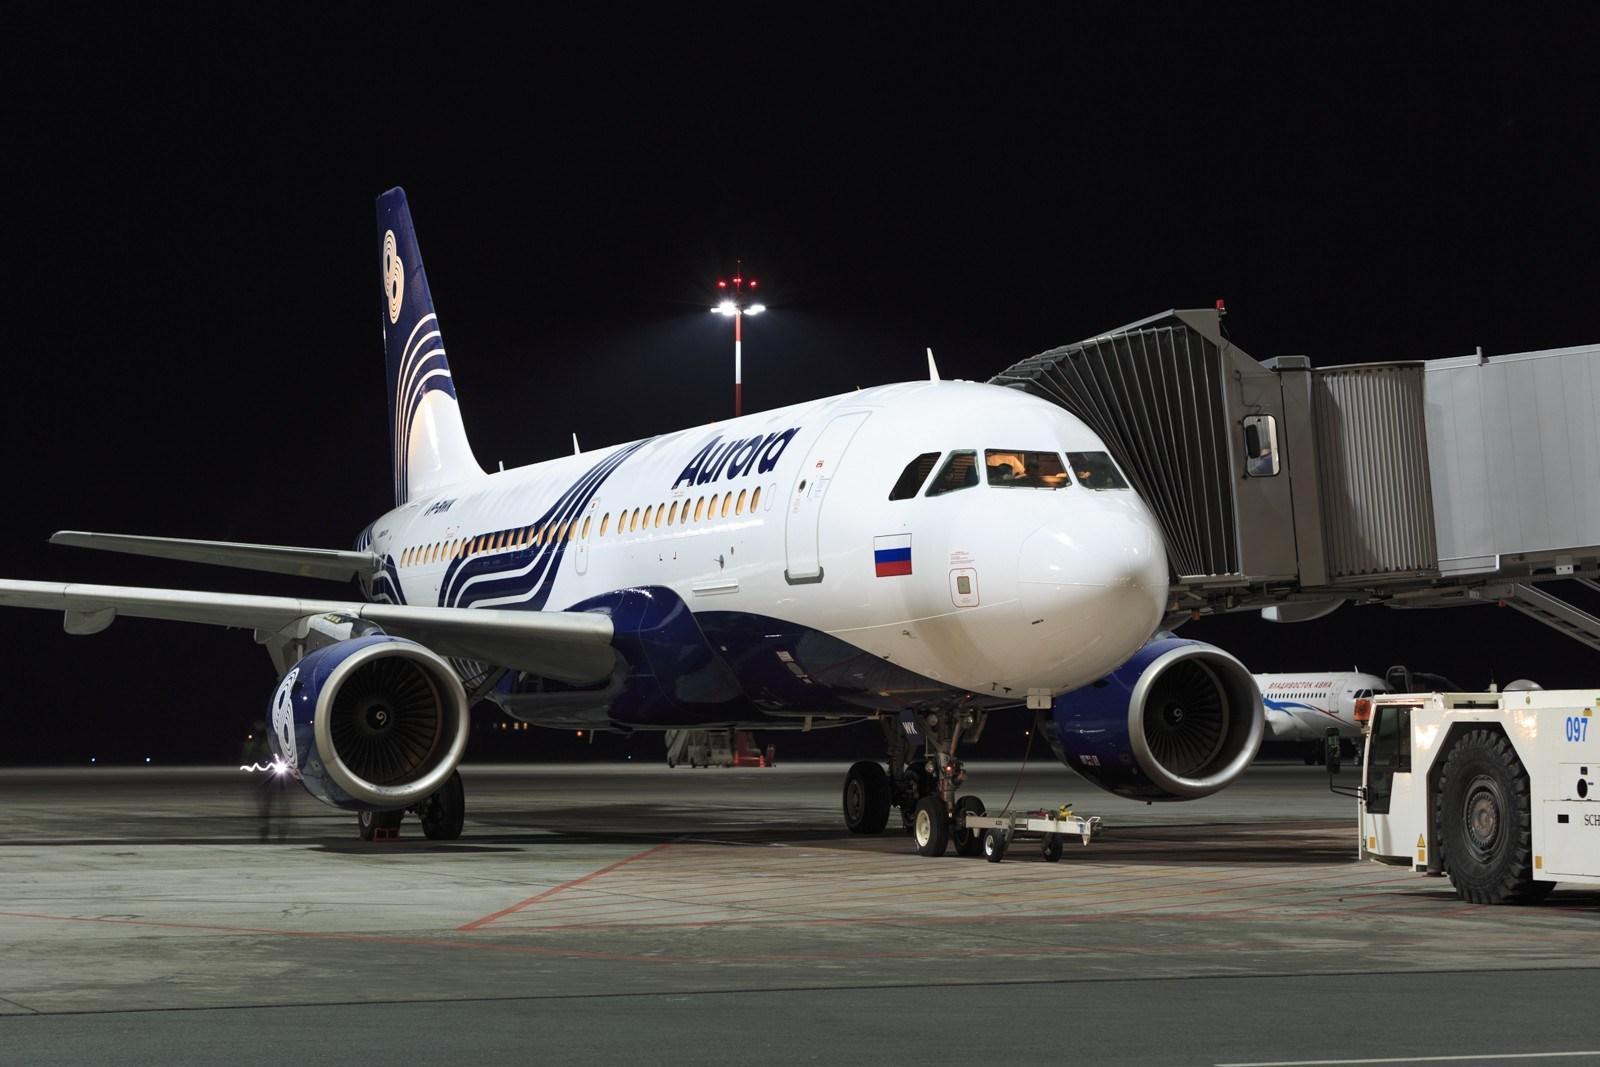 Авиакомпания Аврора за девять месяцев увеличила перевозку пассажиров на 14%